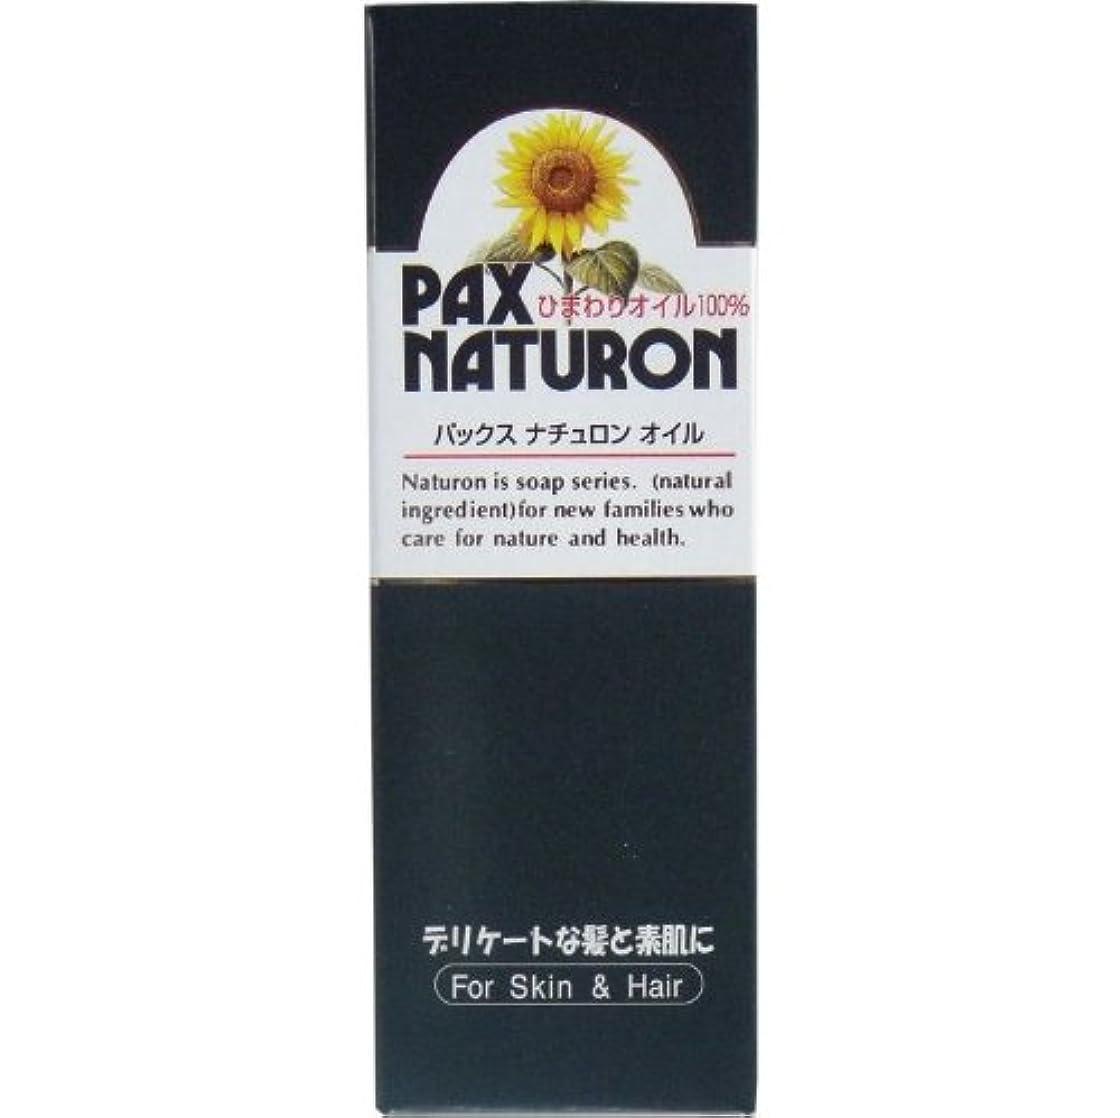 変換発疹イルデリケートな髪と素肌に!ひまわりの種子から採った ハイオレイックひまわり油 60mL【5個セット】